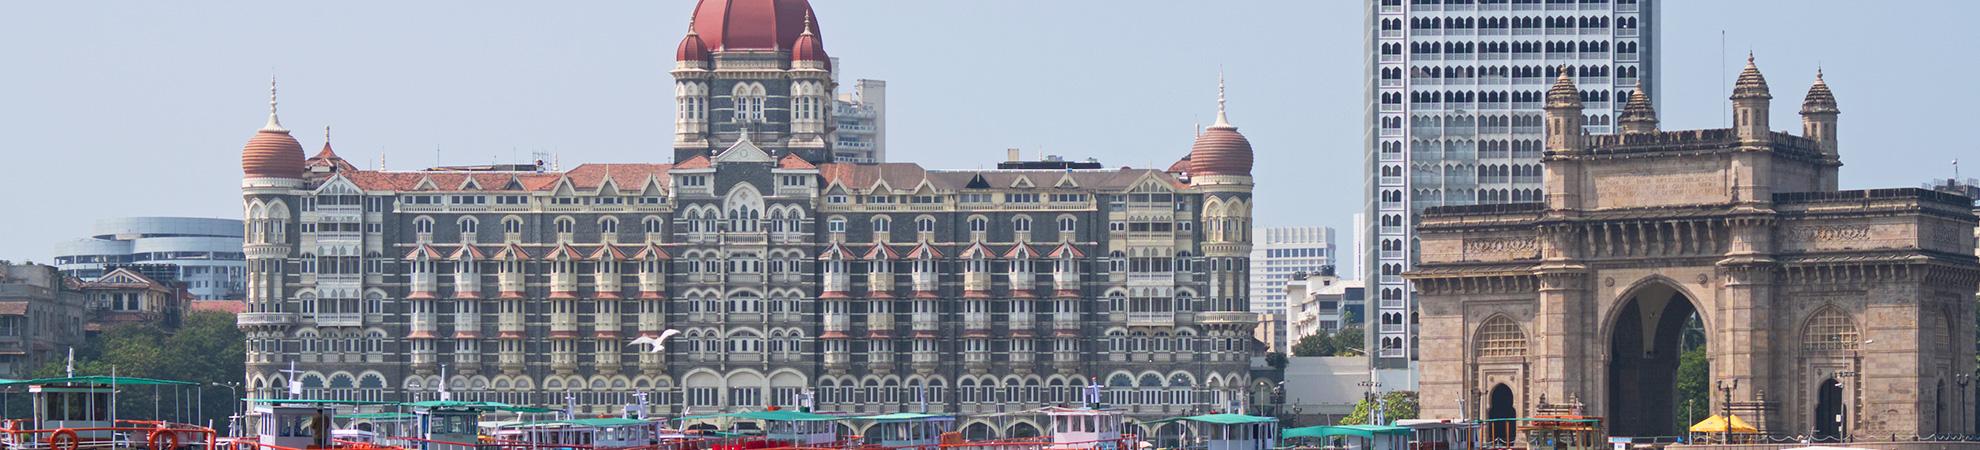 Les hôtels en Inde